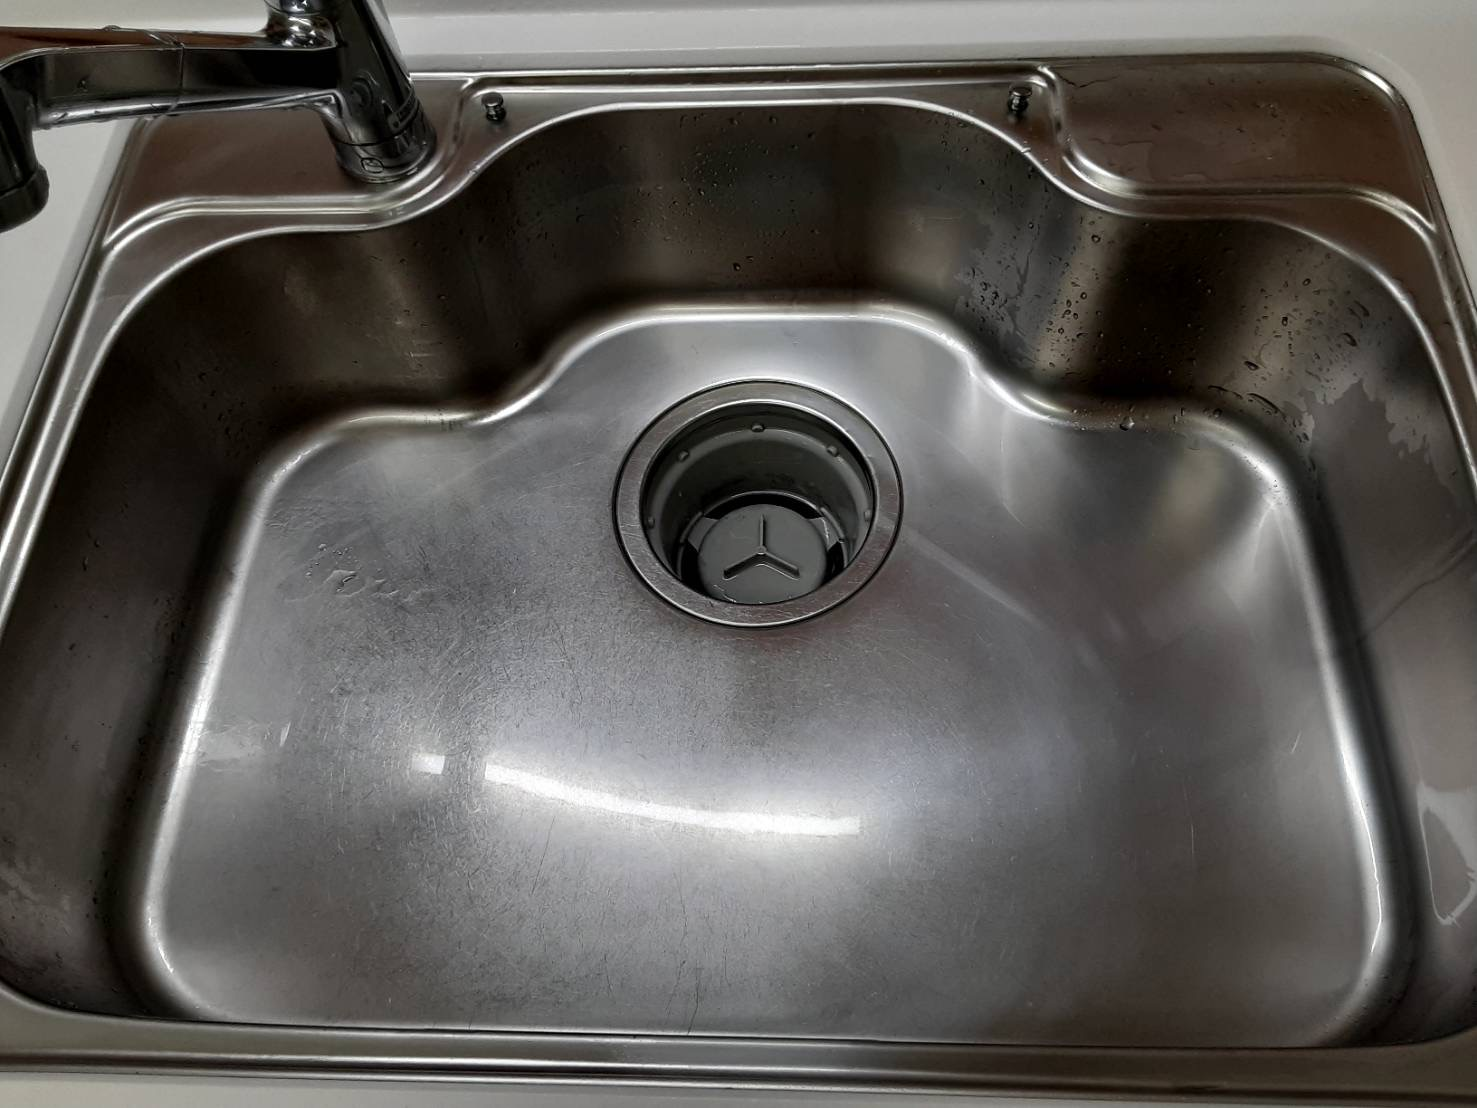 キッチンシンク撥水クリーニング